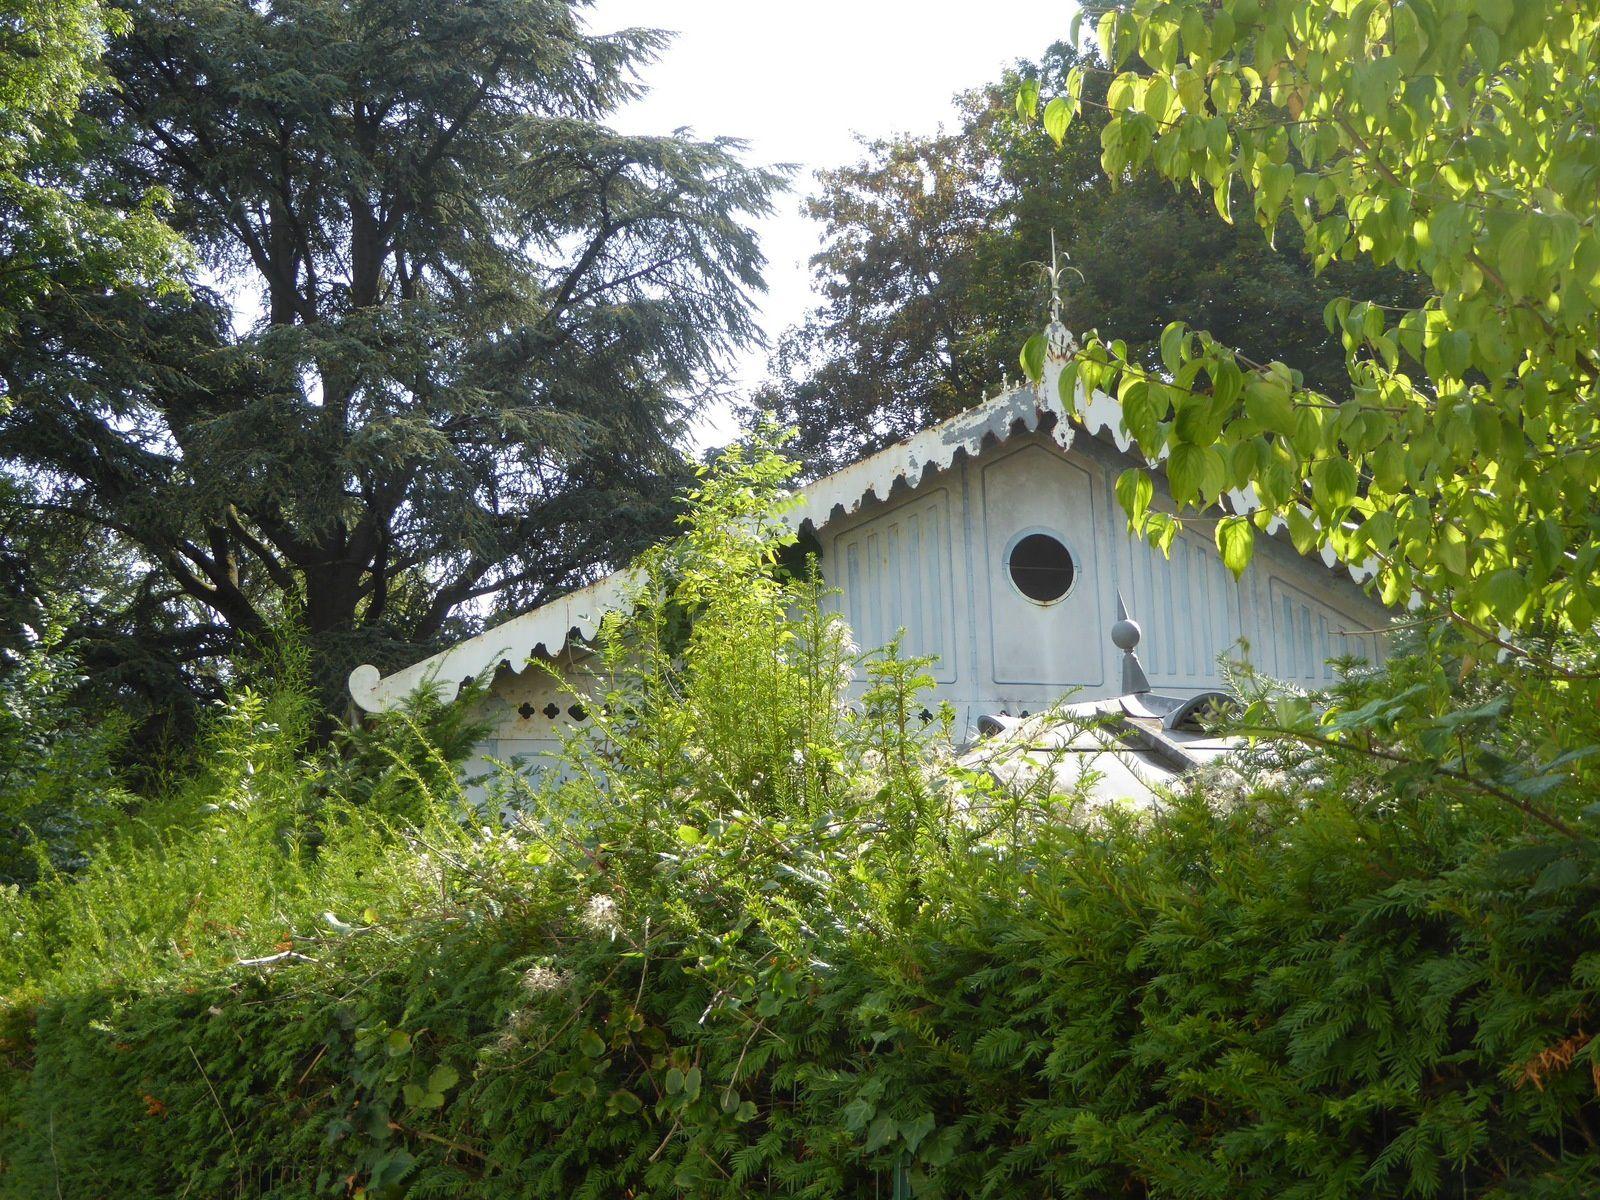 Randonnée en boucle à Saint-Rémy-lès-Chevreuse - 29 km.